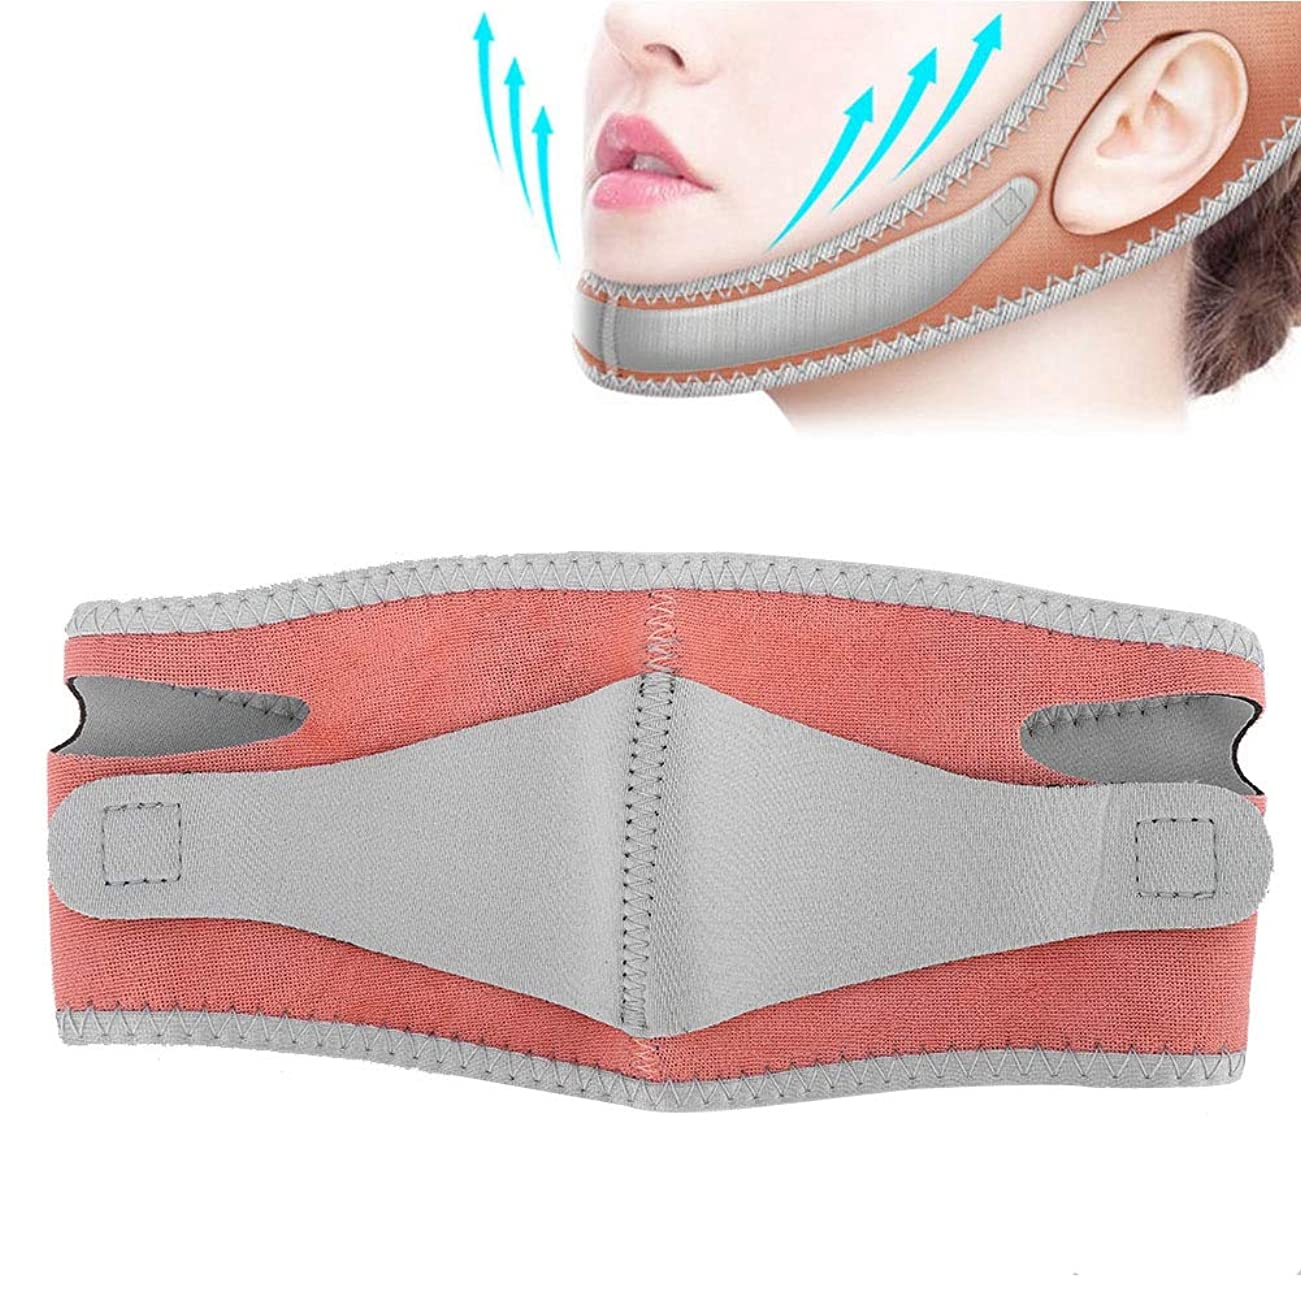 刺繍広がり印刷する薄い顔包帯顔、Vフェイスラインスリムダブルチンチークスリムリフトアップ引き締まった肌防止マスクあなたが顔の肌を引き締めるのに役立ちます